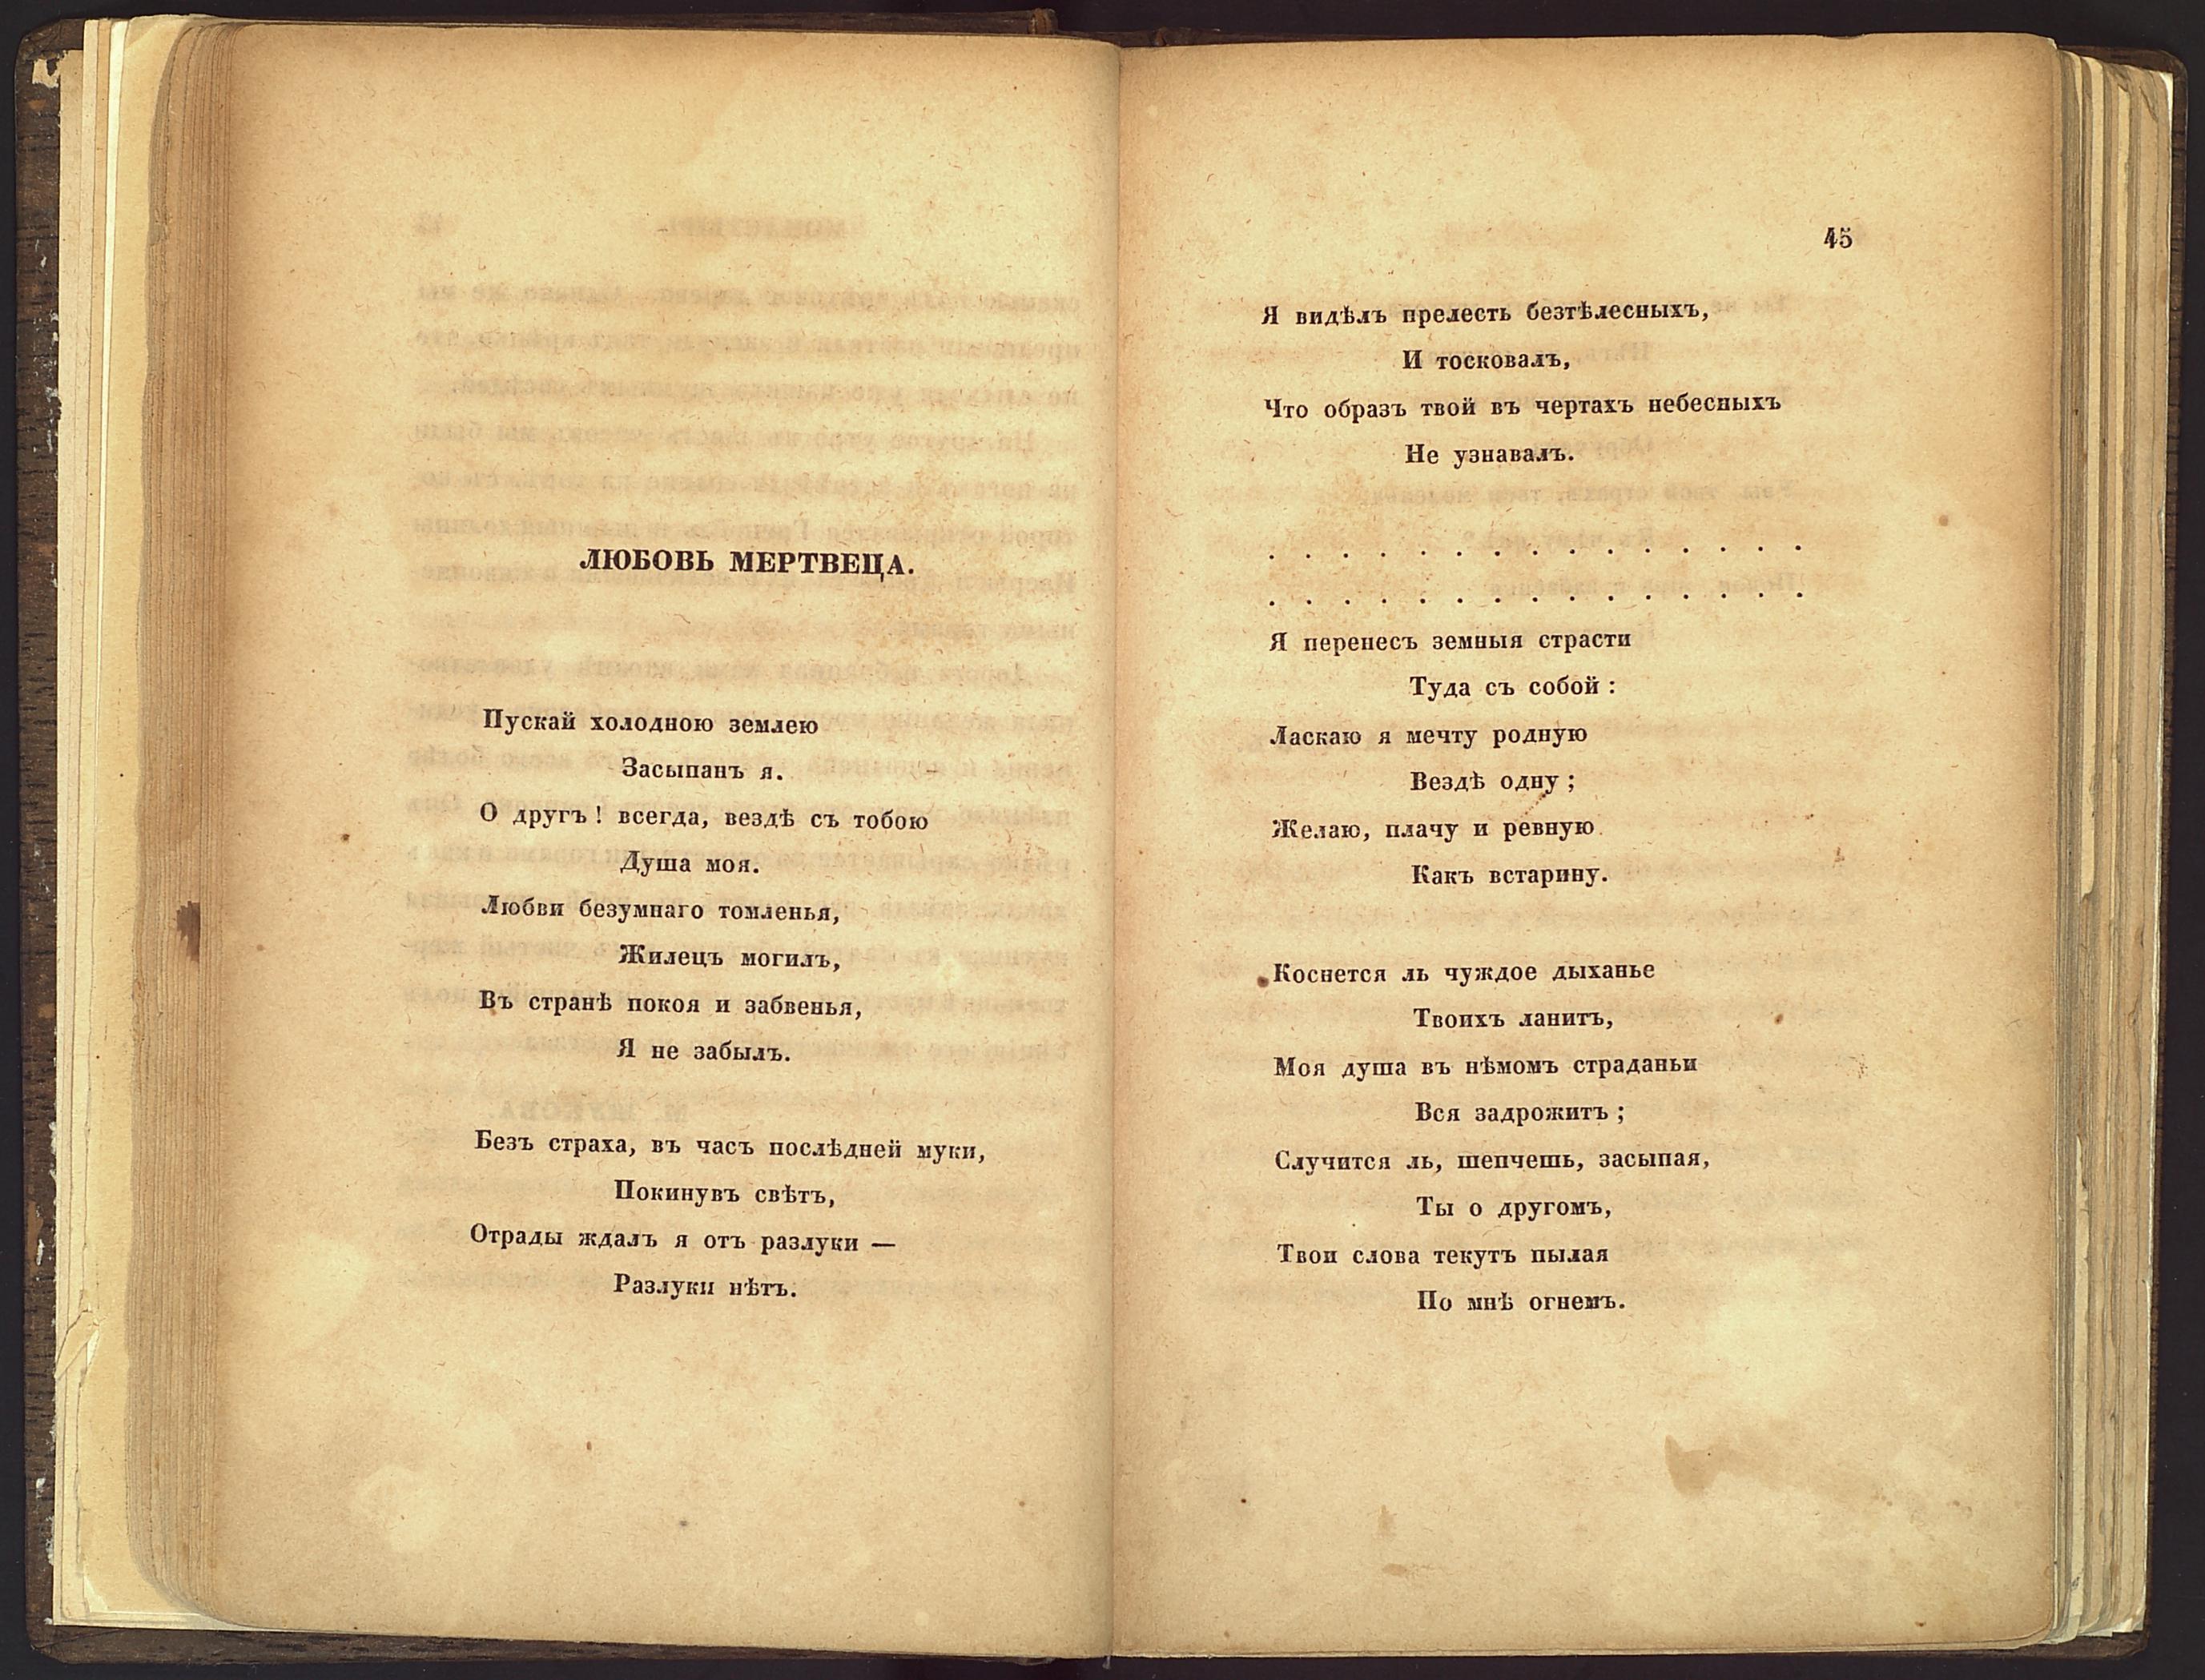 ЛОК-7485 ТАРХАНЫ КП-14067  Книга Утренняя заря на 1842 год._4